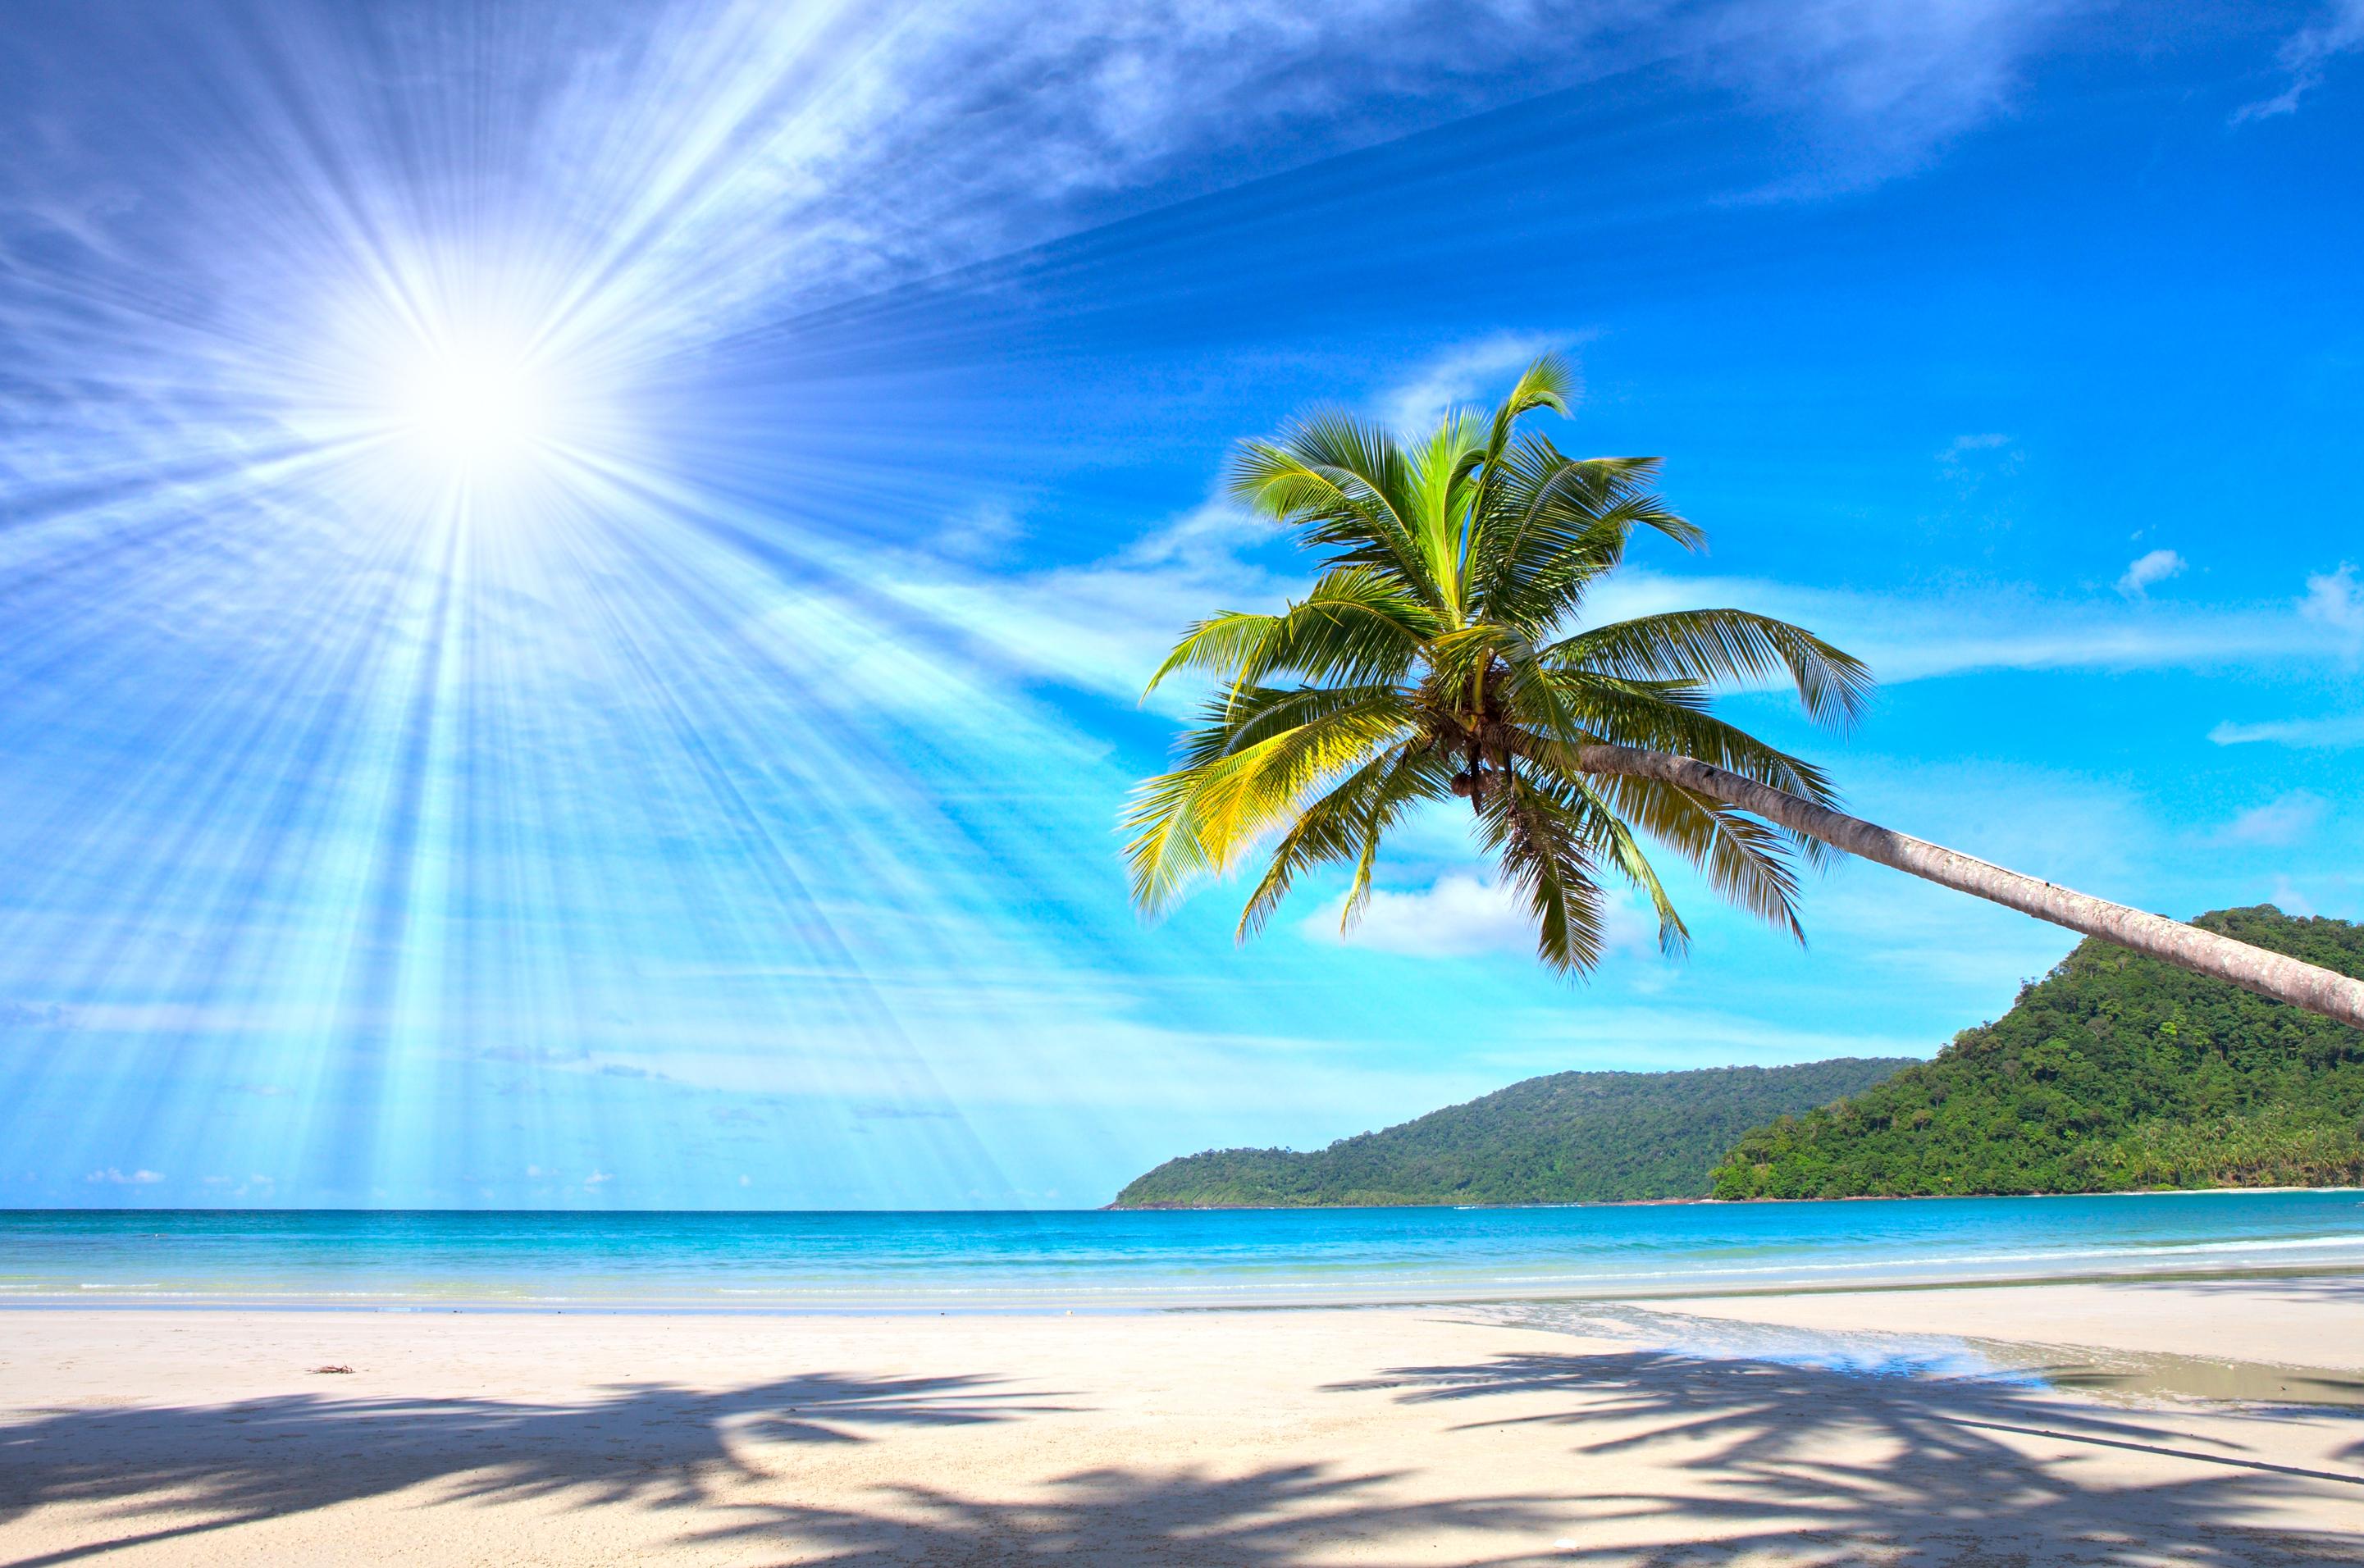 Chcete si dopřát takřka nekonečné pláže a nefalšovaný luxus? Tak hurá na Bahamy!